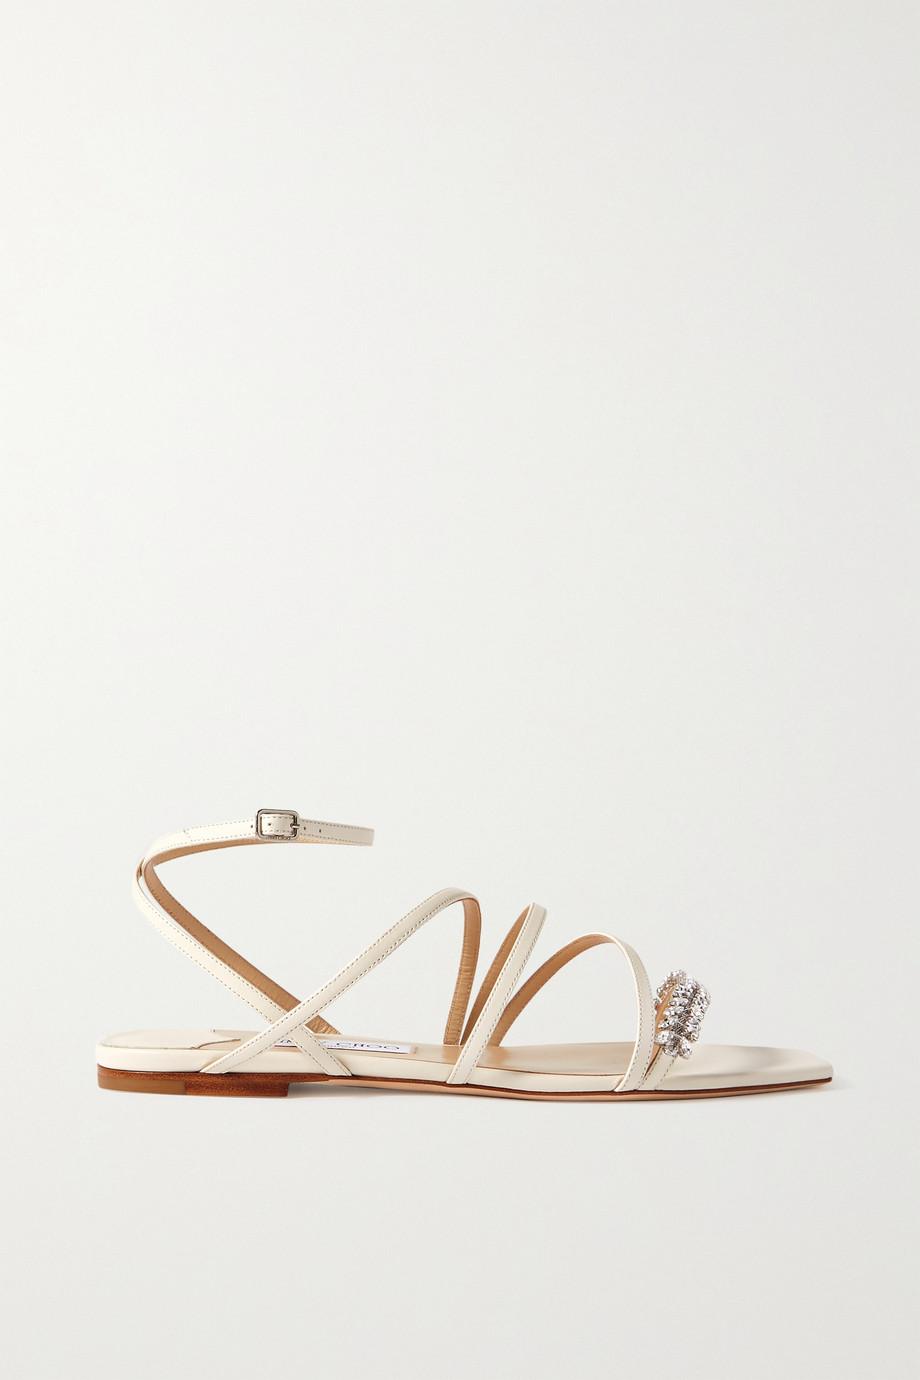 Jimmy Choo Maesie Sandalen aus Leder mit Kristallen